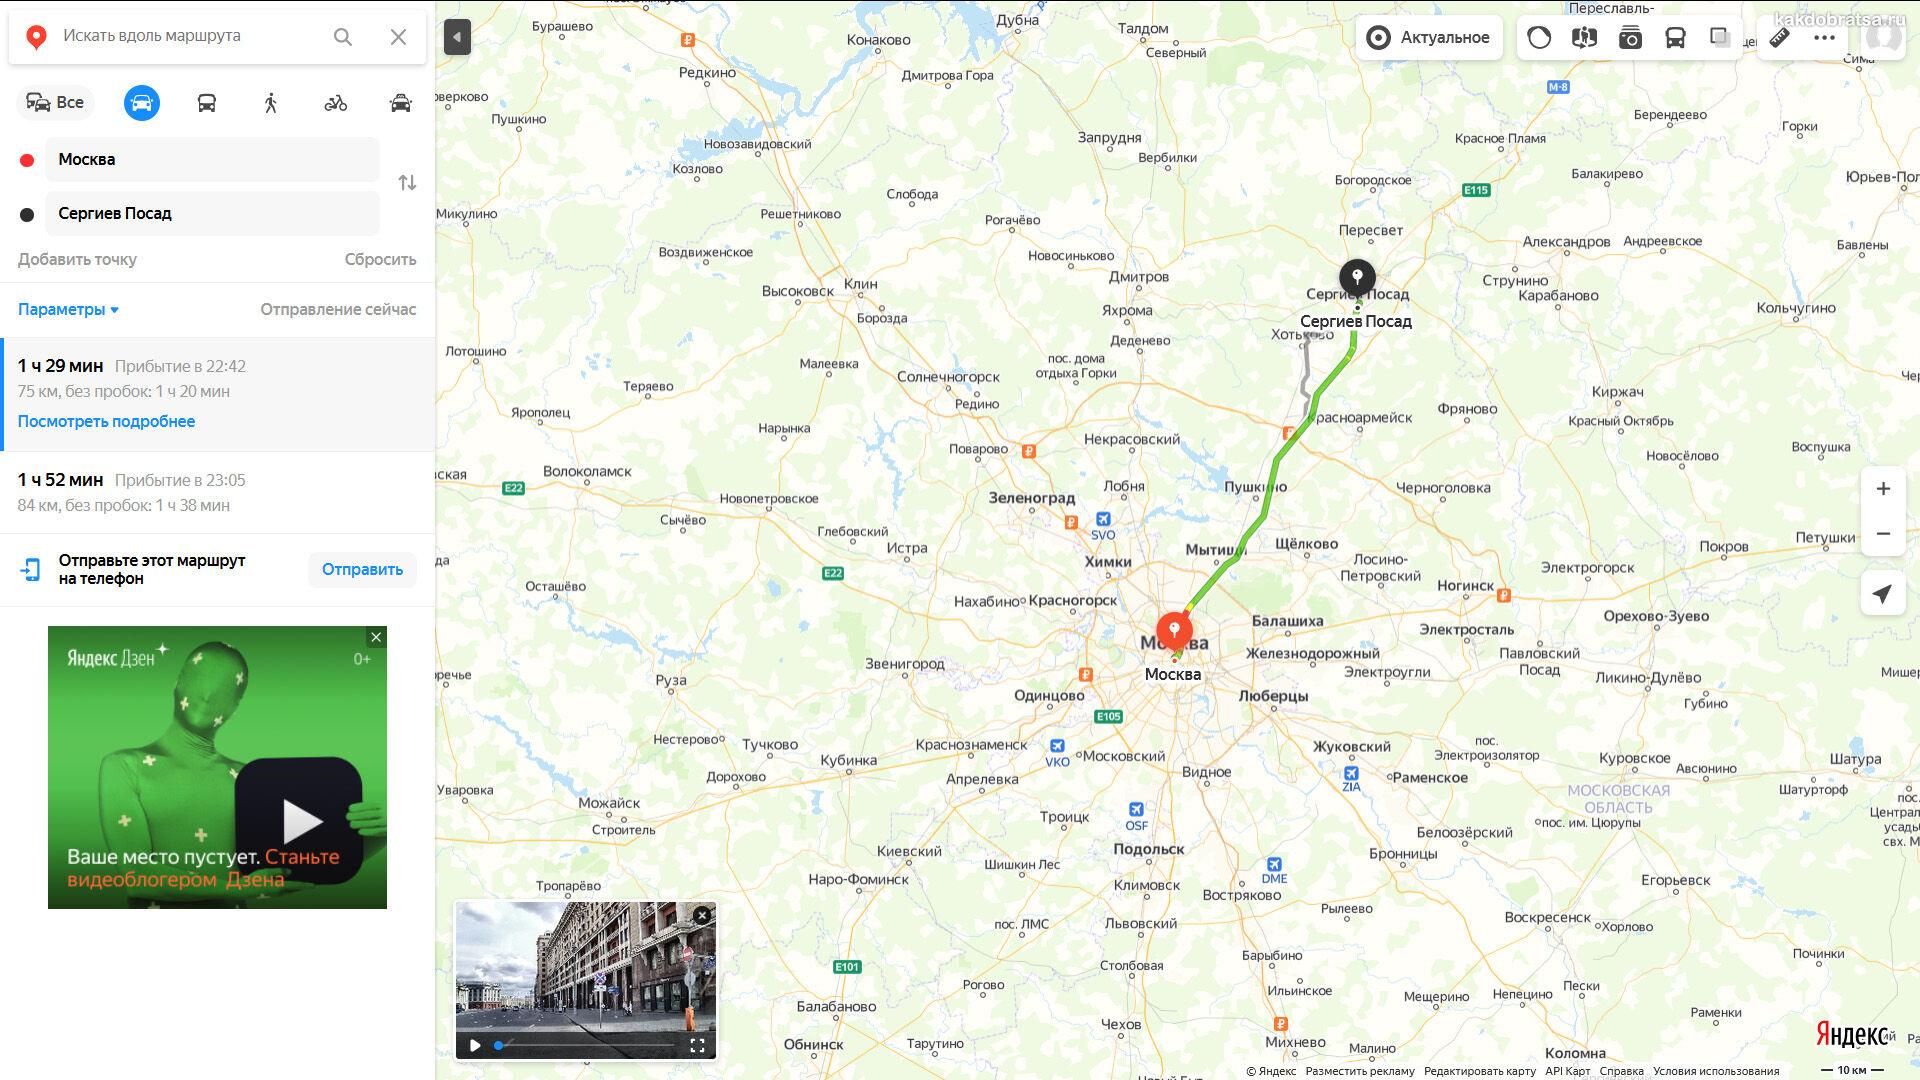 Где находится Сергиев Посад и путь из Москвы на автомобиле